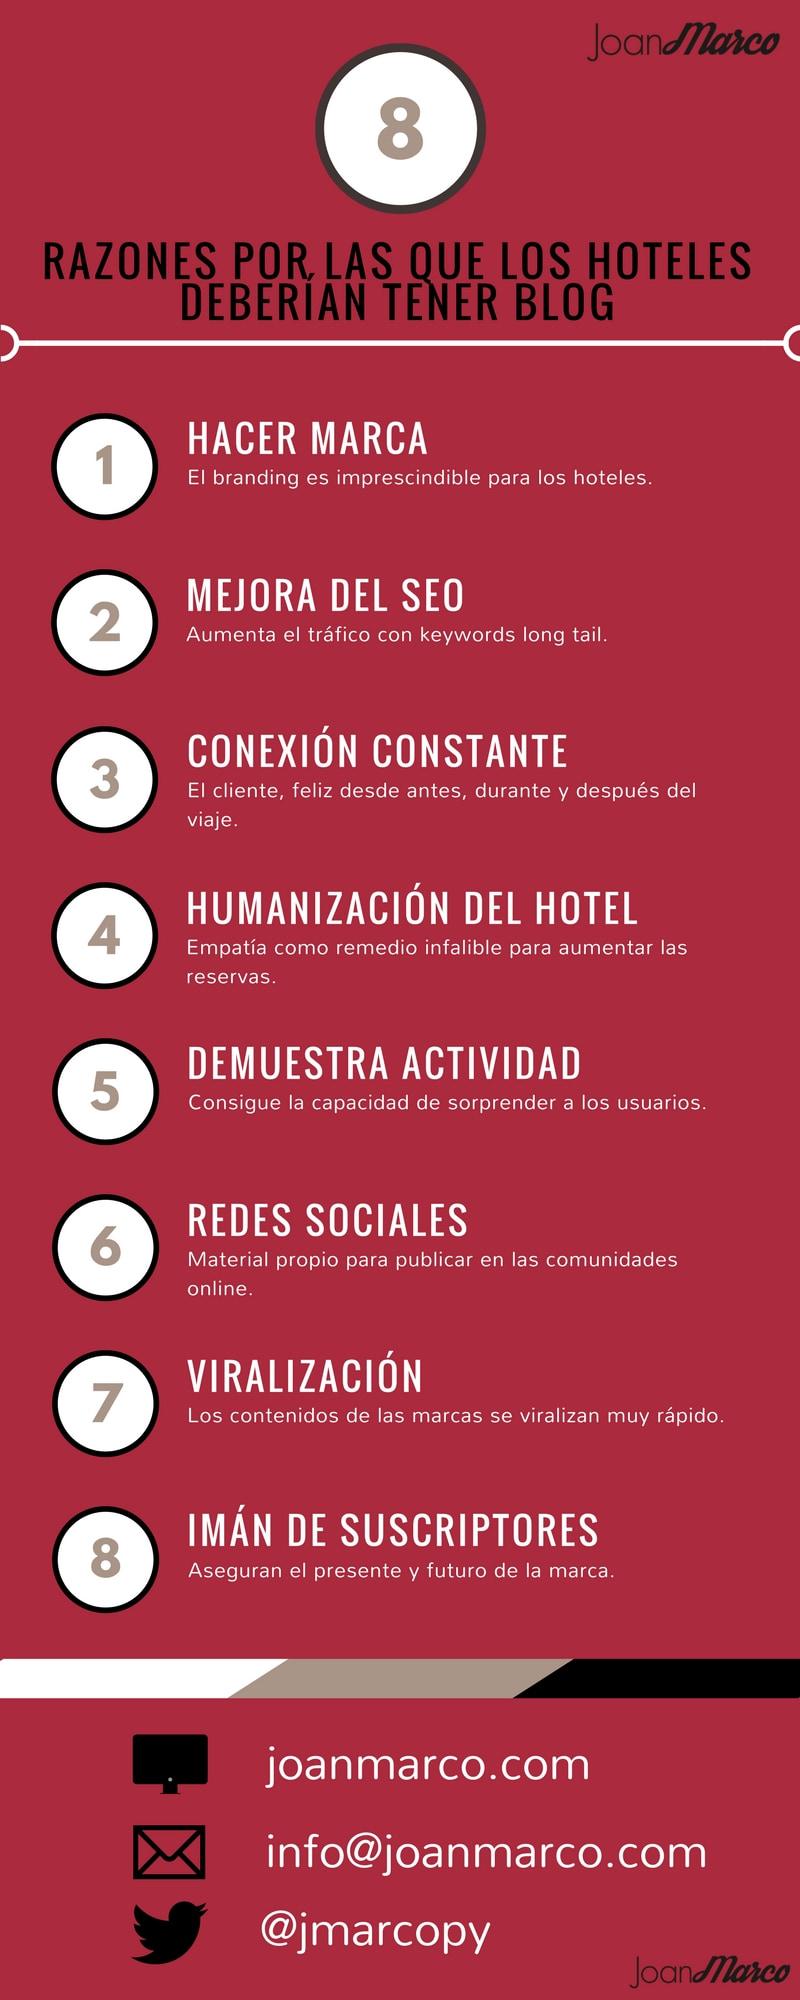 infografía - razones por las que los hoteles deberían tener un blog